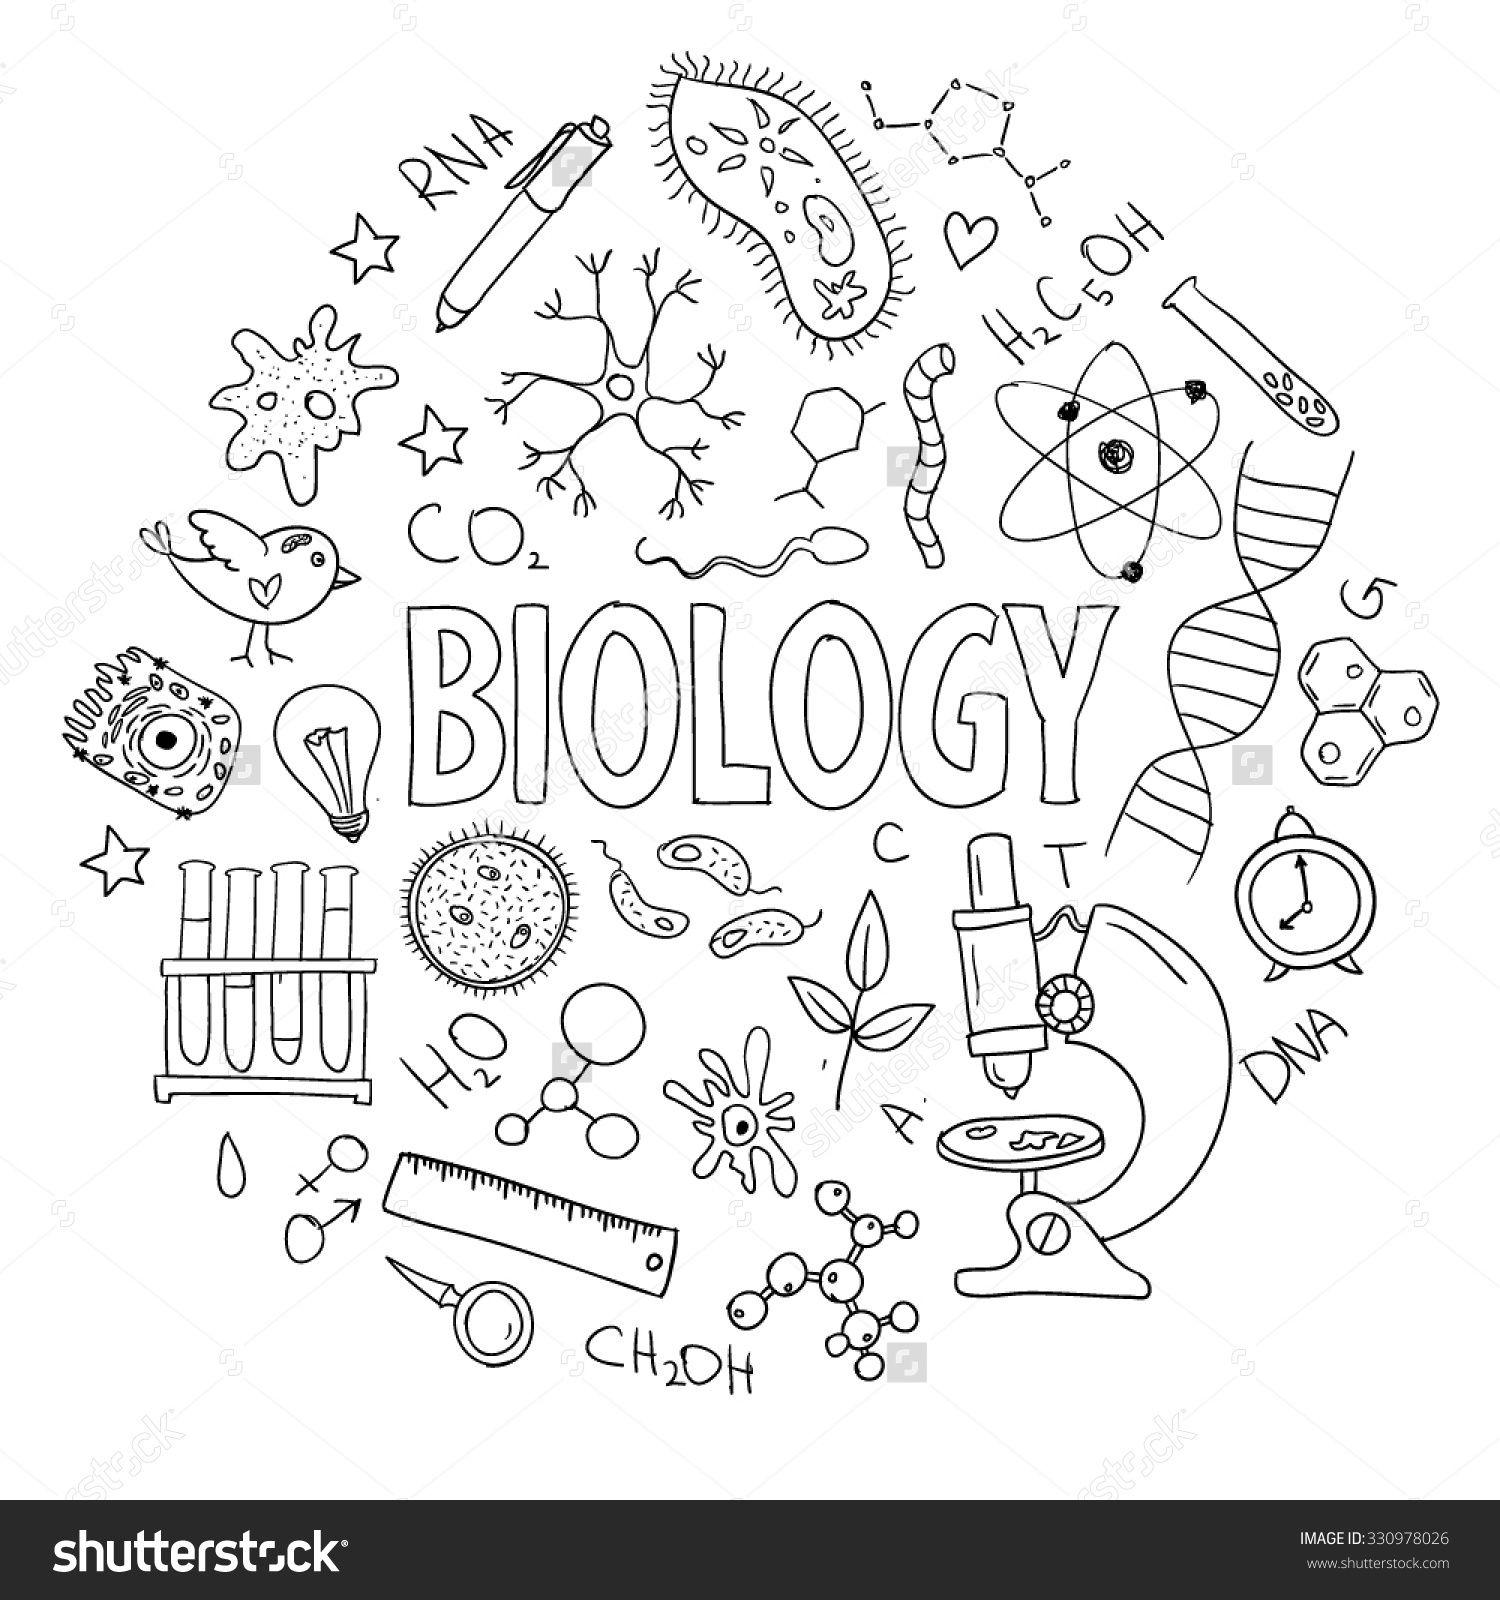 Science Design For Notebook: Más De 25 Ideas Increíbles Sobre Caratulas De Ciencias En